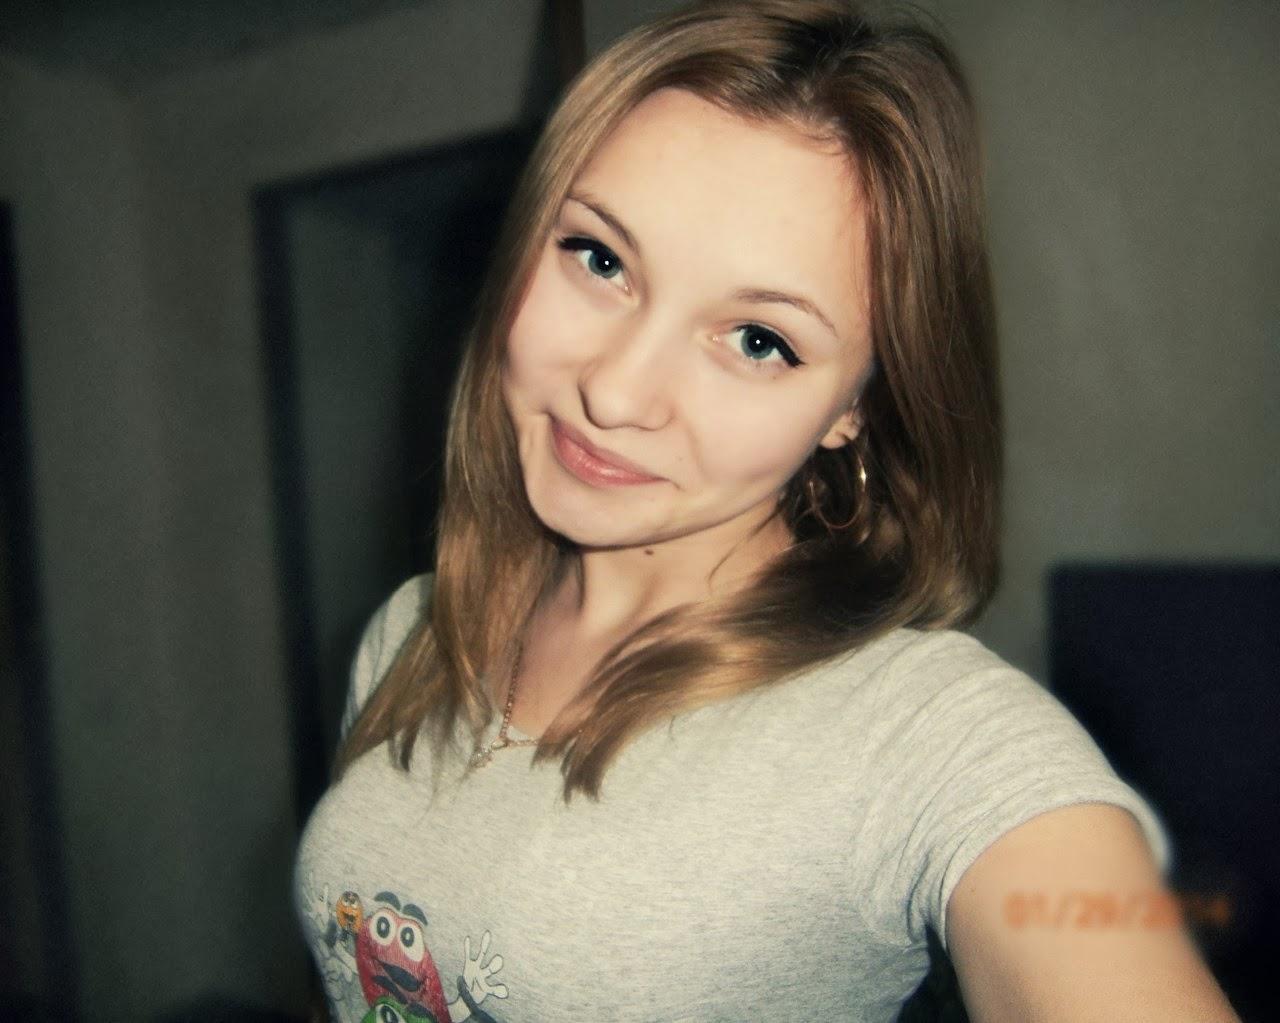 Фото девушки из вконтакте 4 фотография